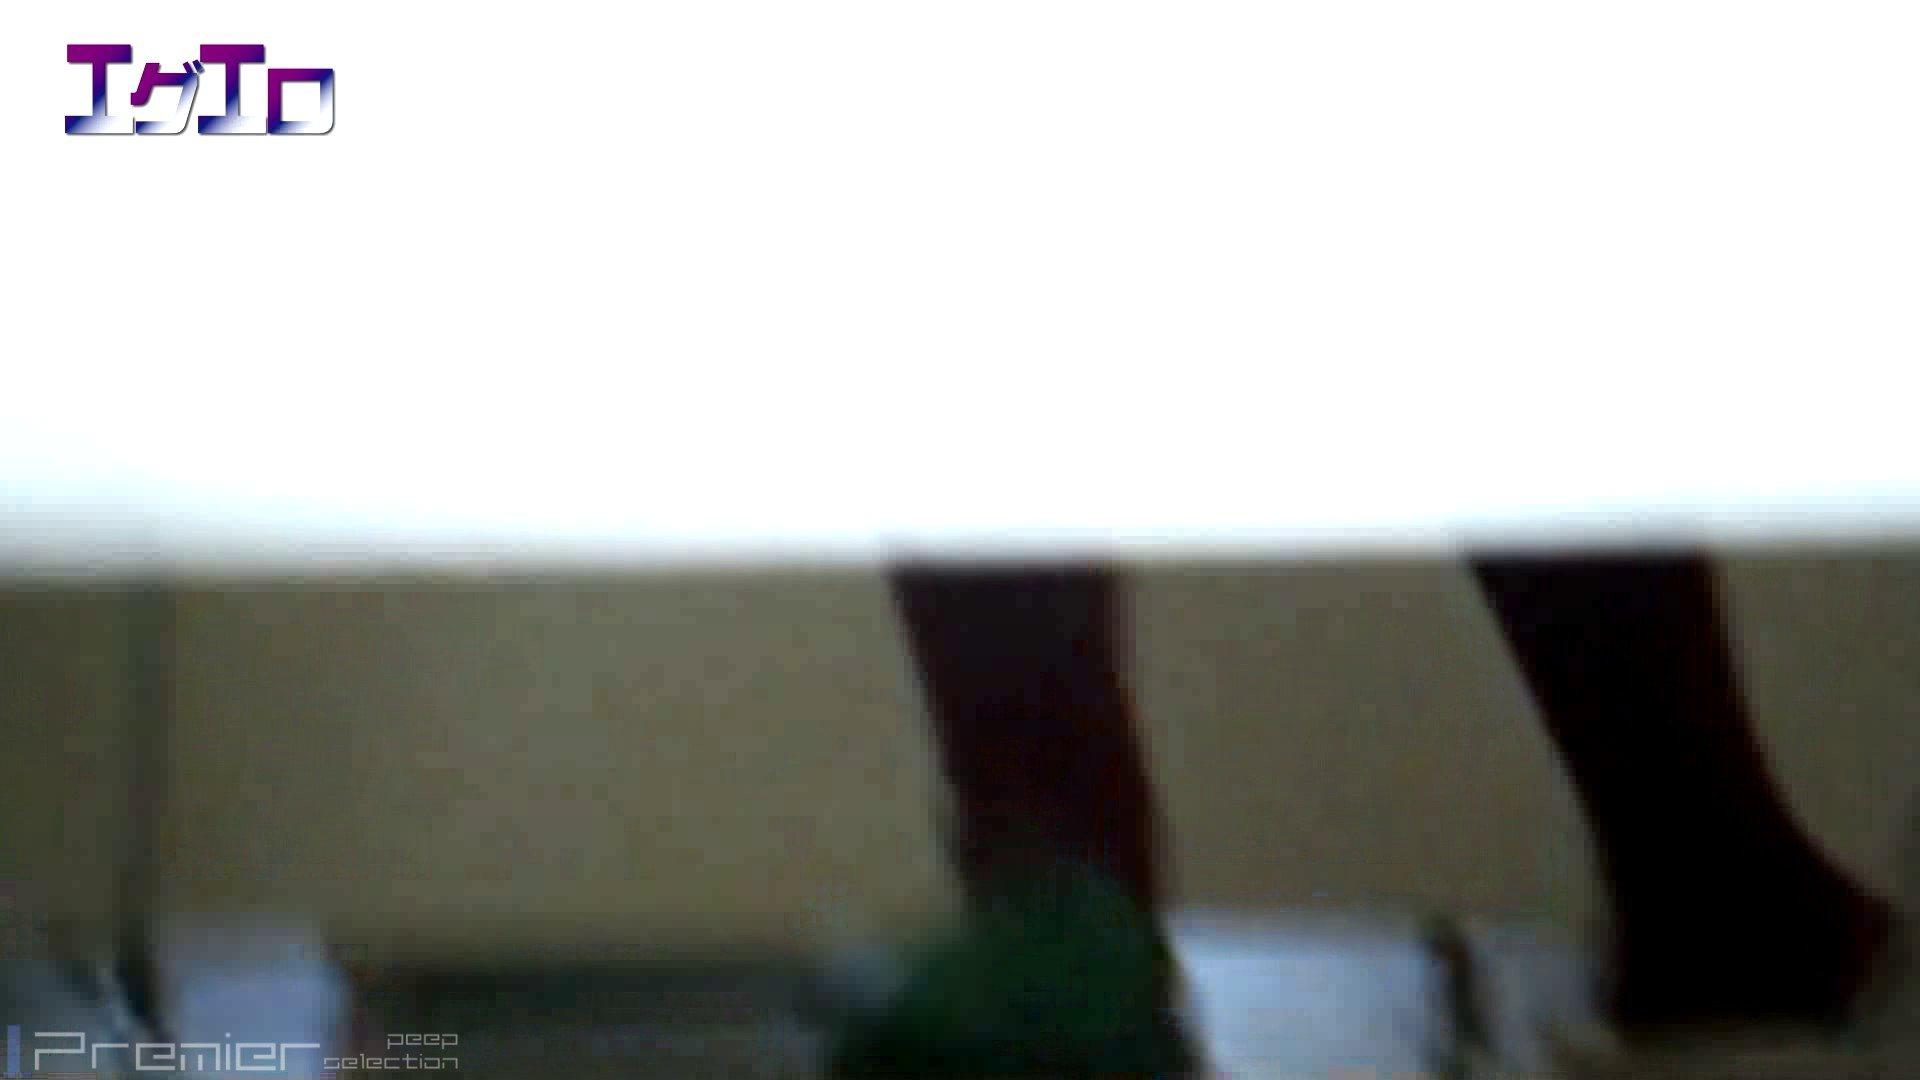 至近距離洗面所 Vol.10ブルージーンズギャルの大放nyo ギャルハメ撮り  20Pix 11